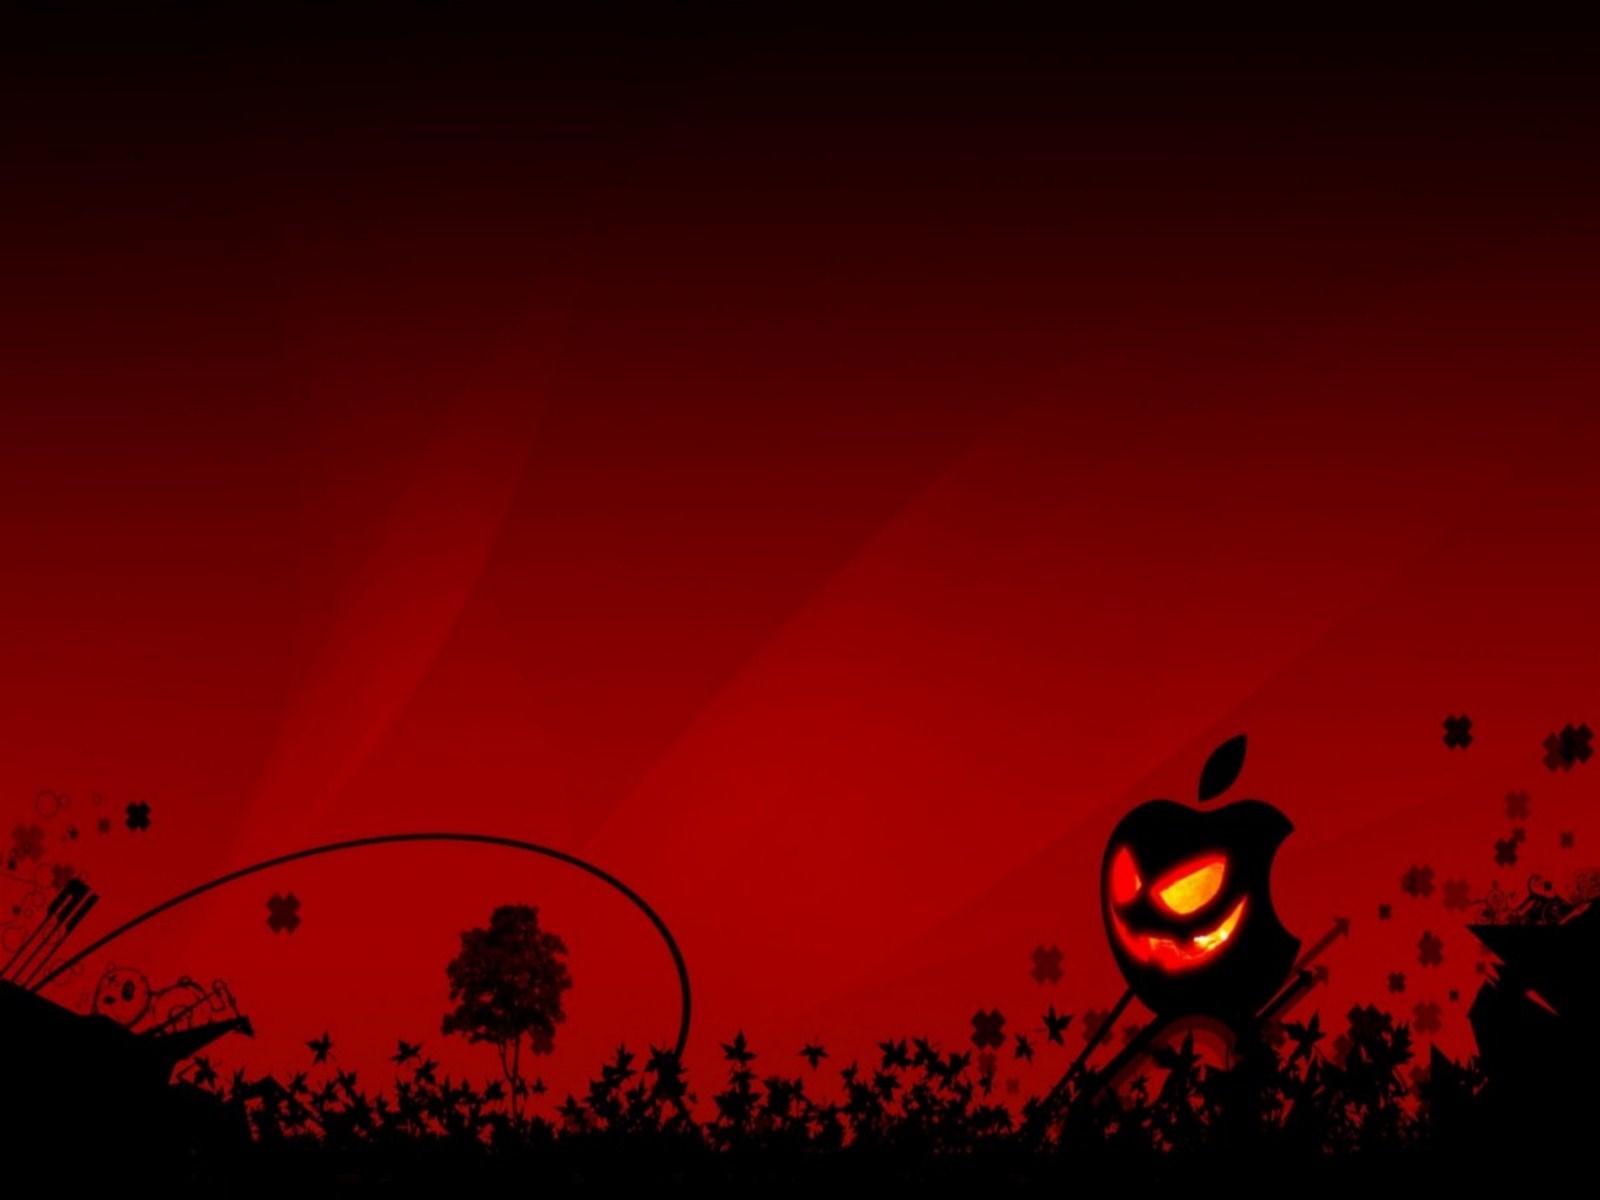 Pumpkin Wallpaper Hd wallpaper wallpaper hd background desktop 1600x1200